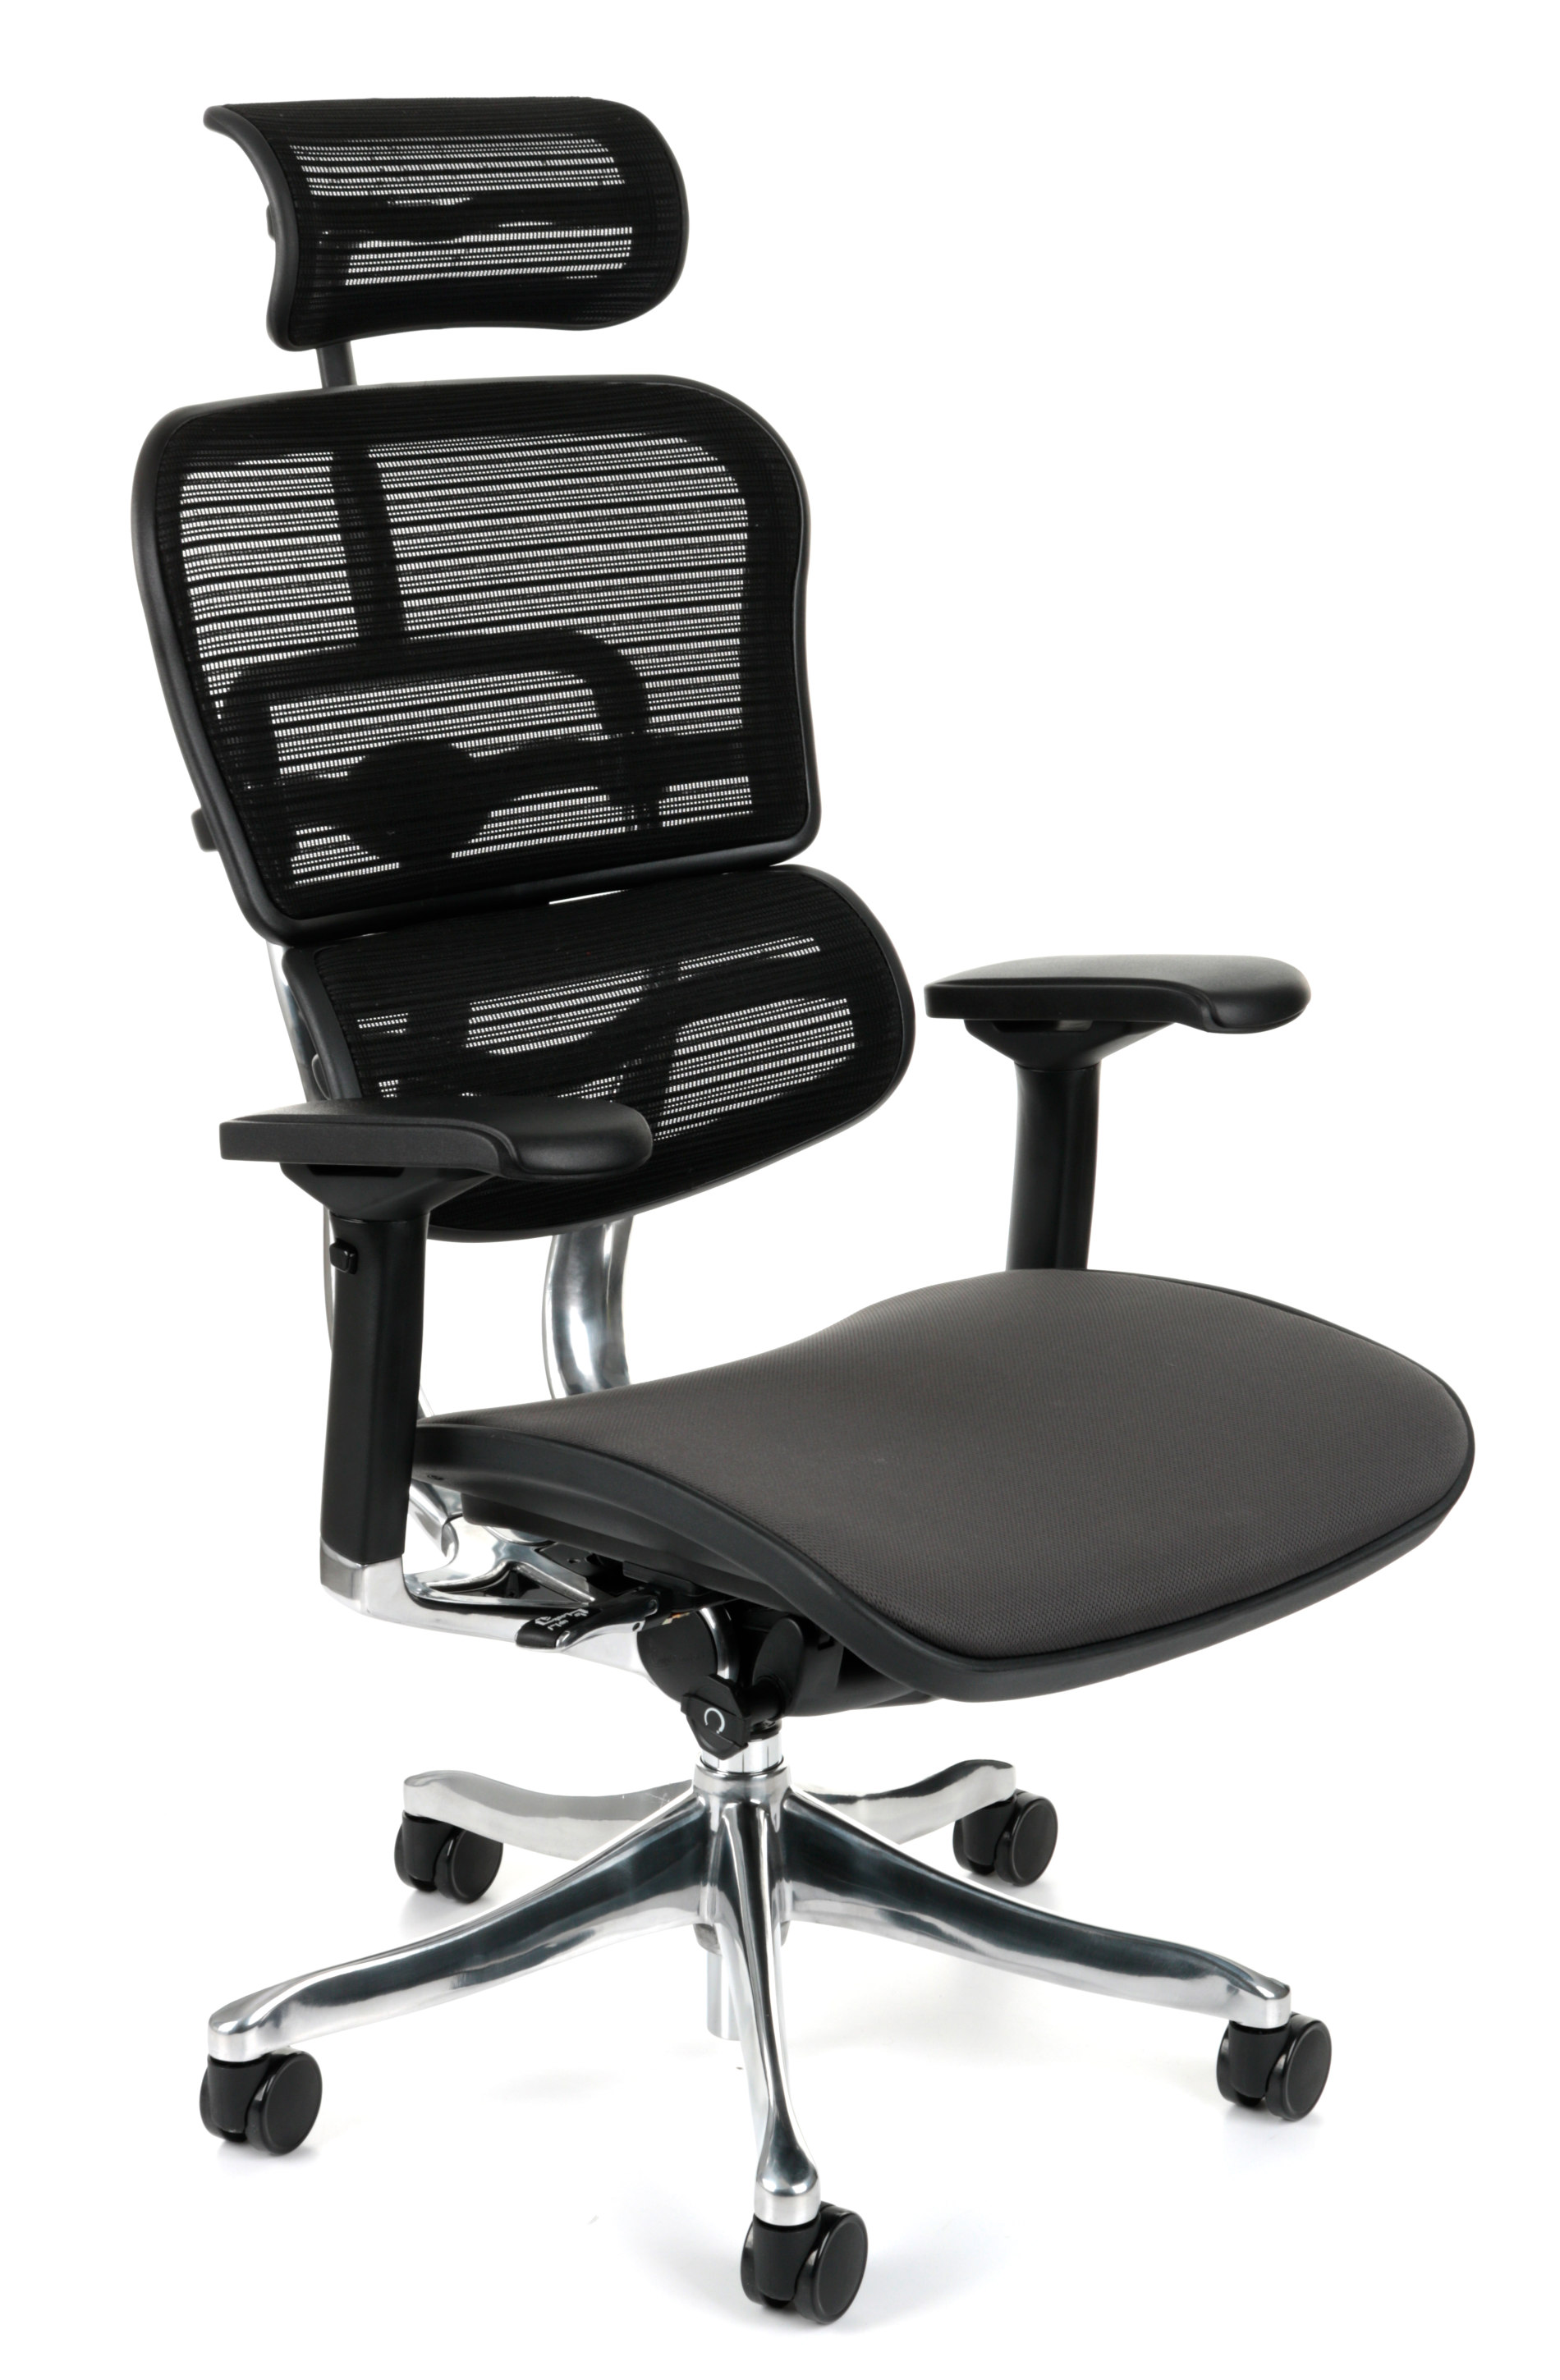 Ergohuman Plus Elite Color, Backrest: KMD31 Seat: Flex FX09